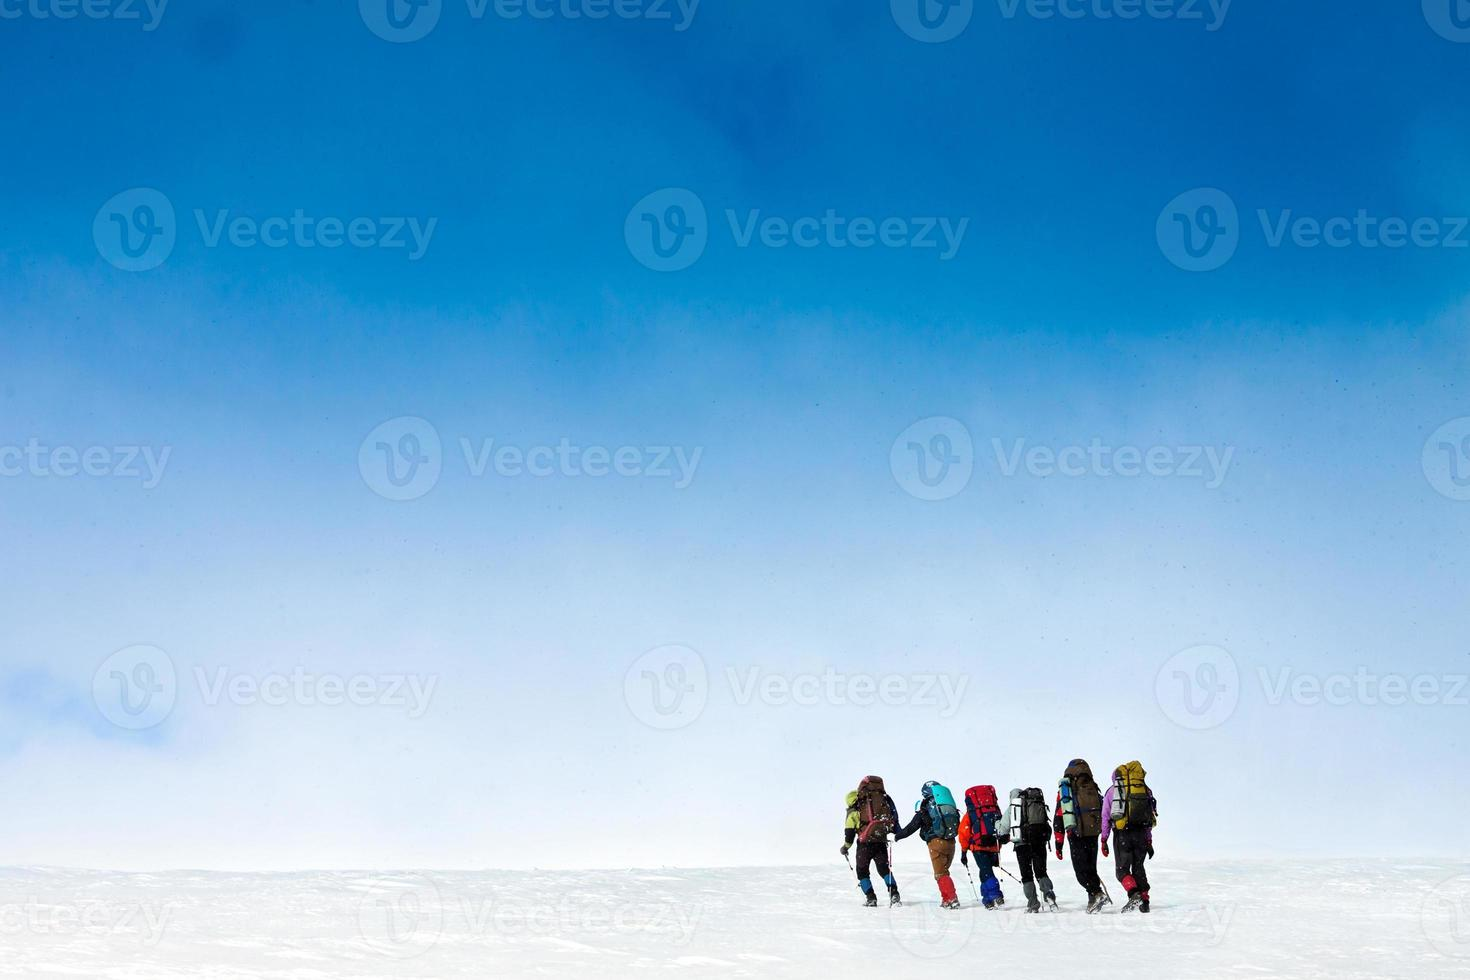 senderismo en montaña de invierno foto